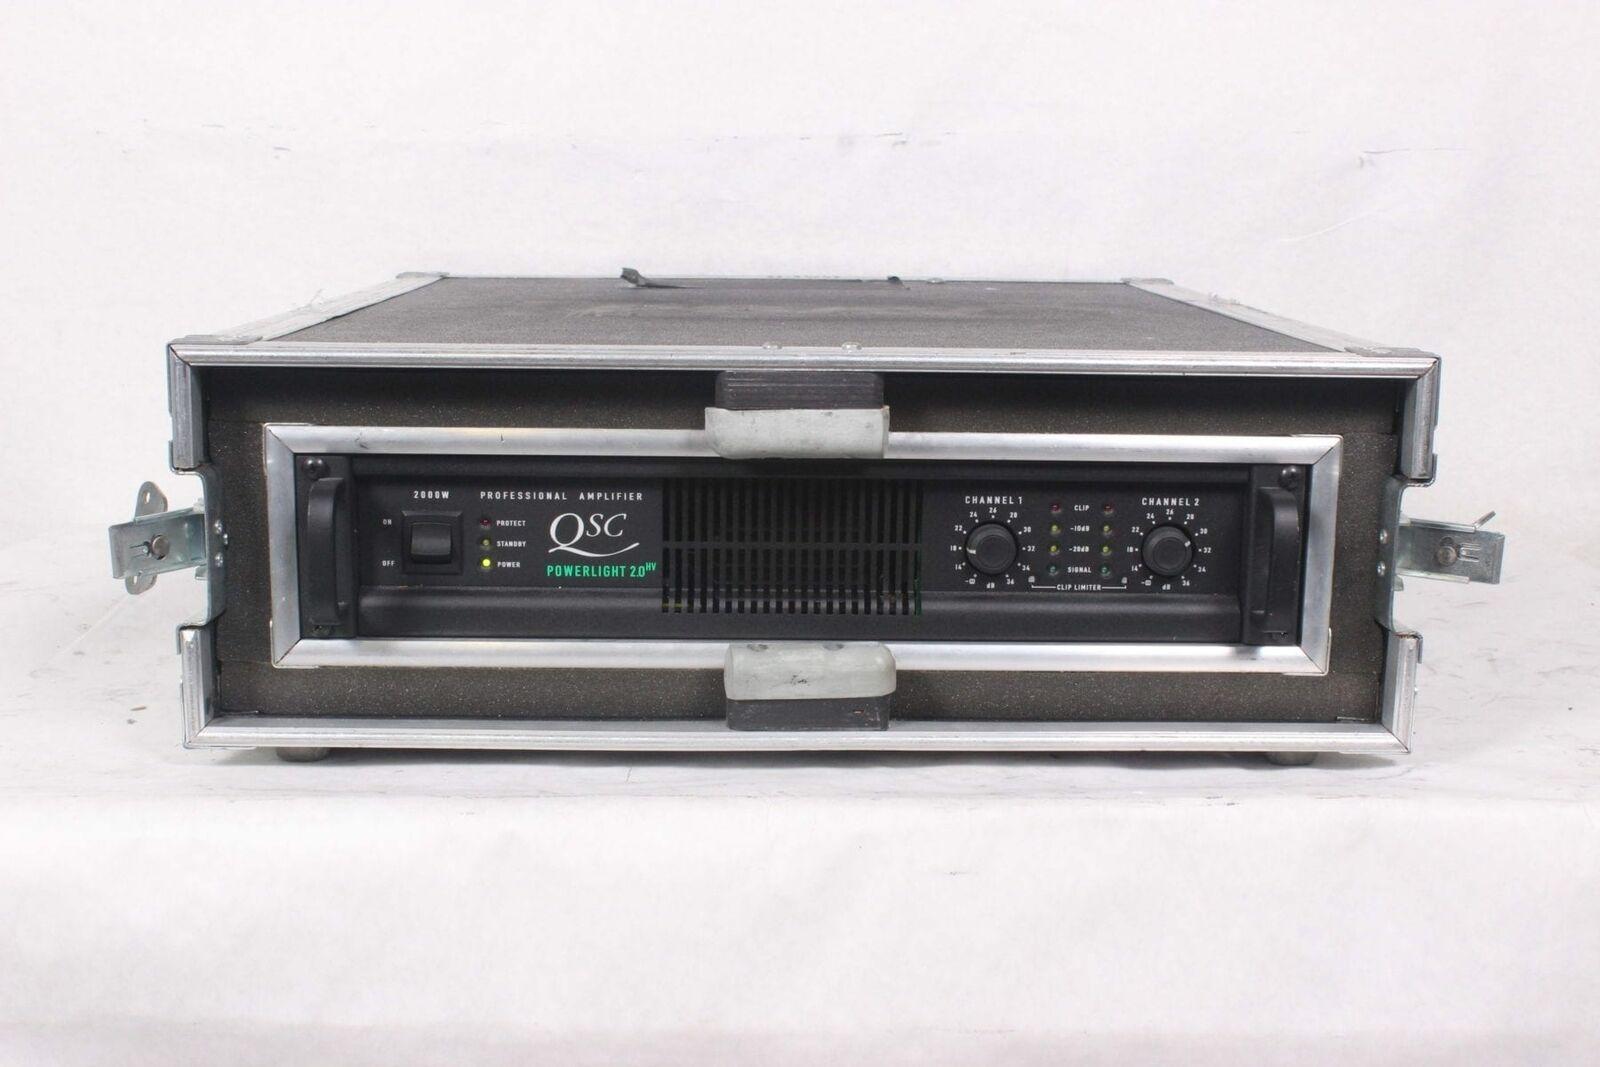 QSC Powerlight 2.0HV Power Amplifier 2000W w  2RU Hard Case